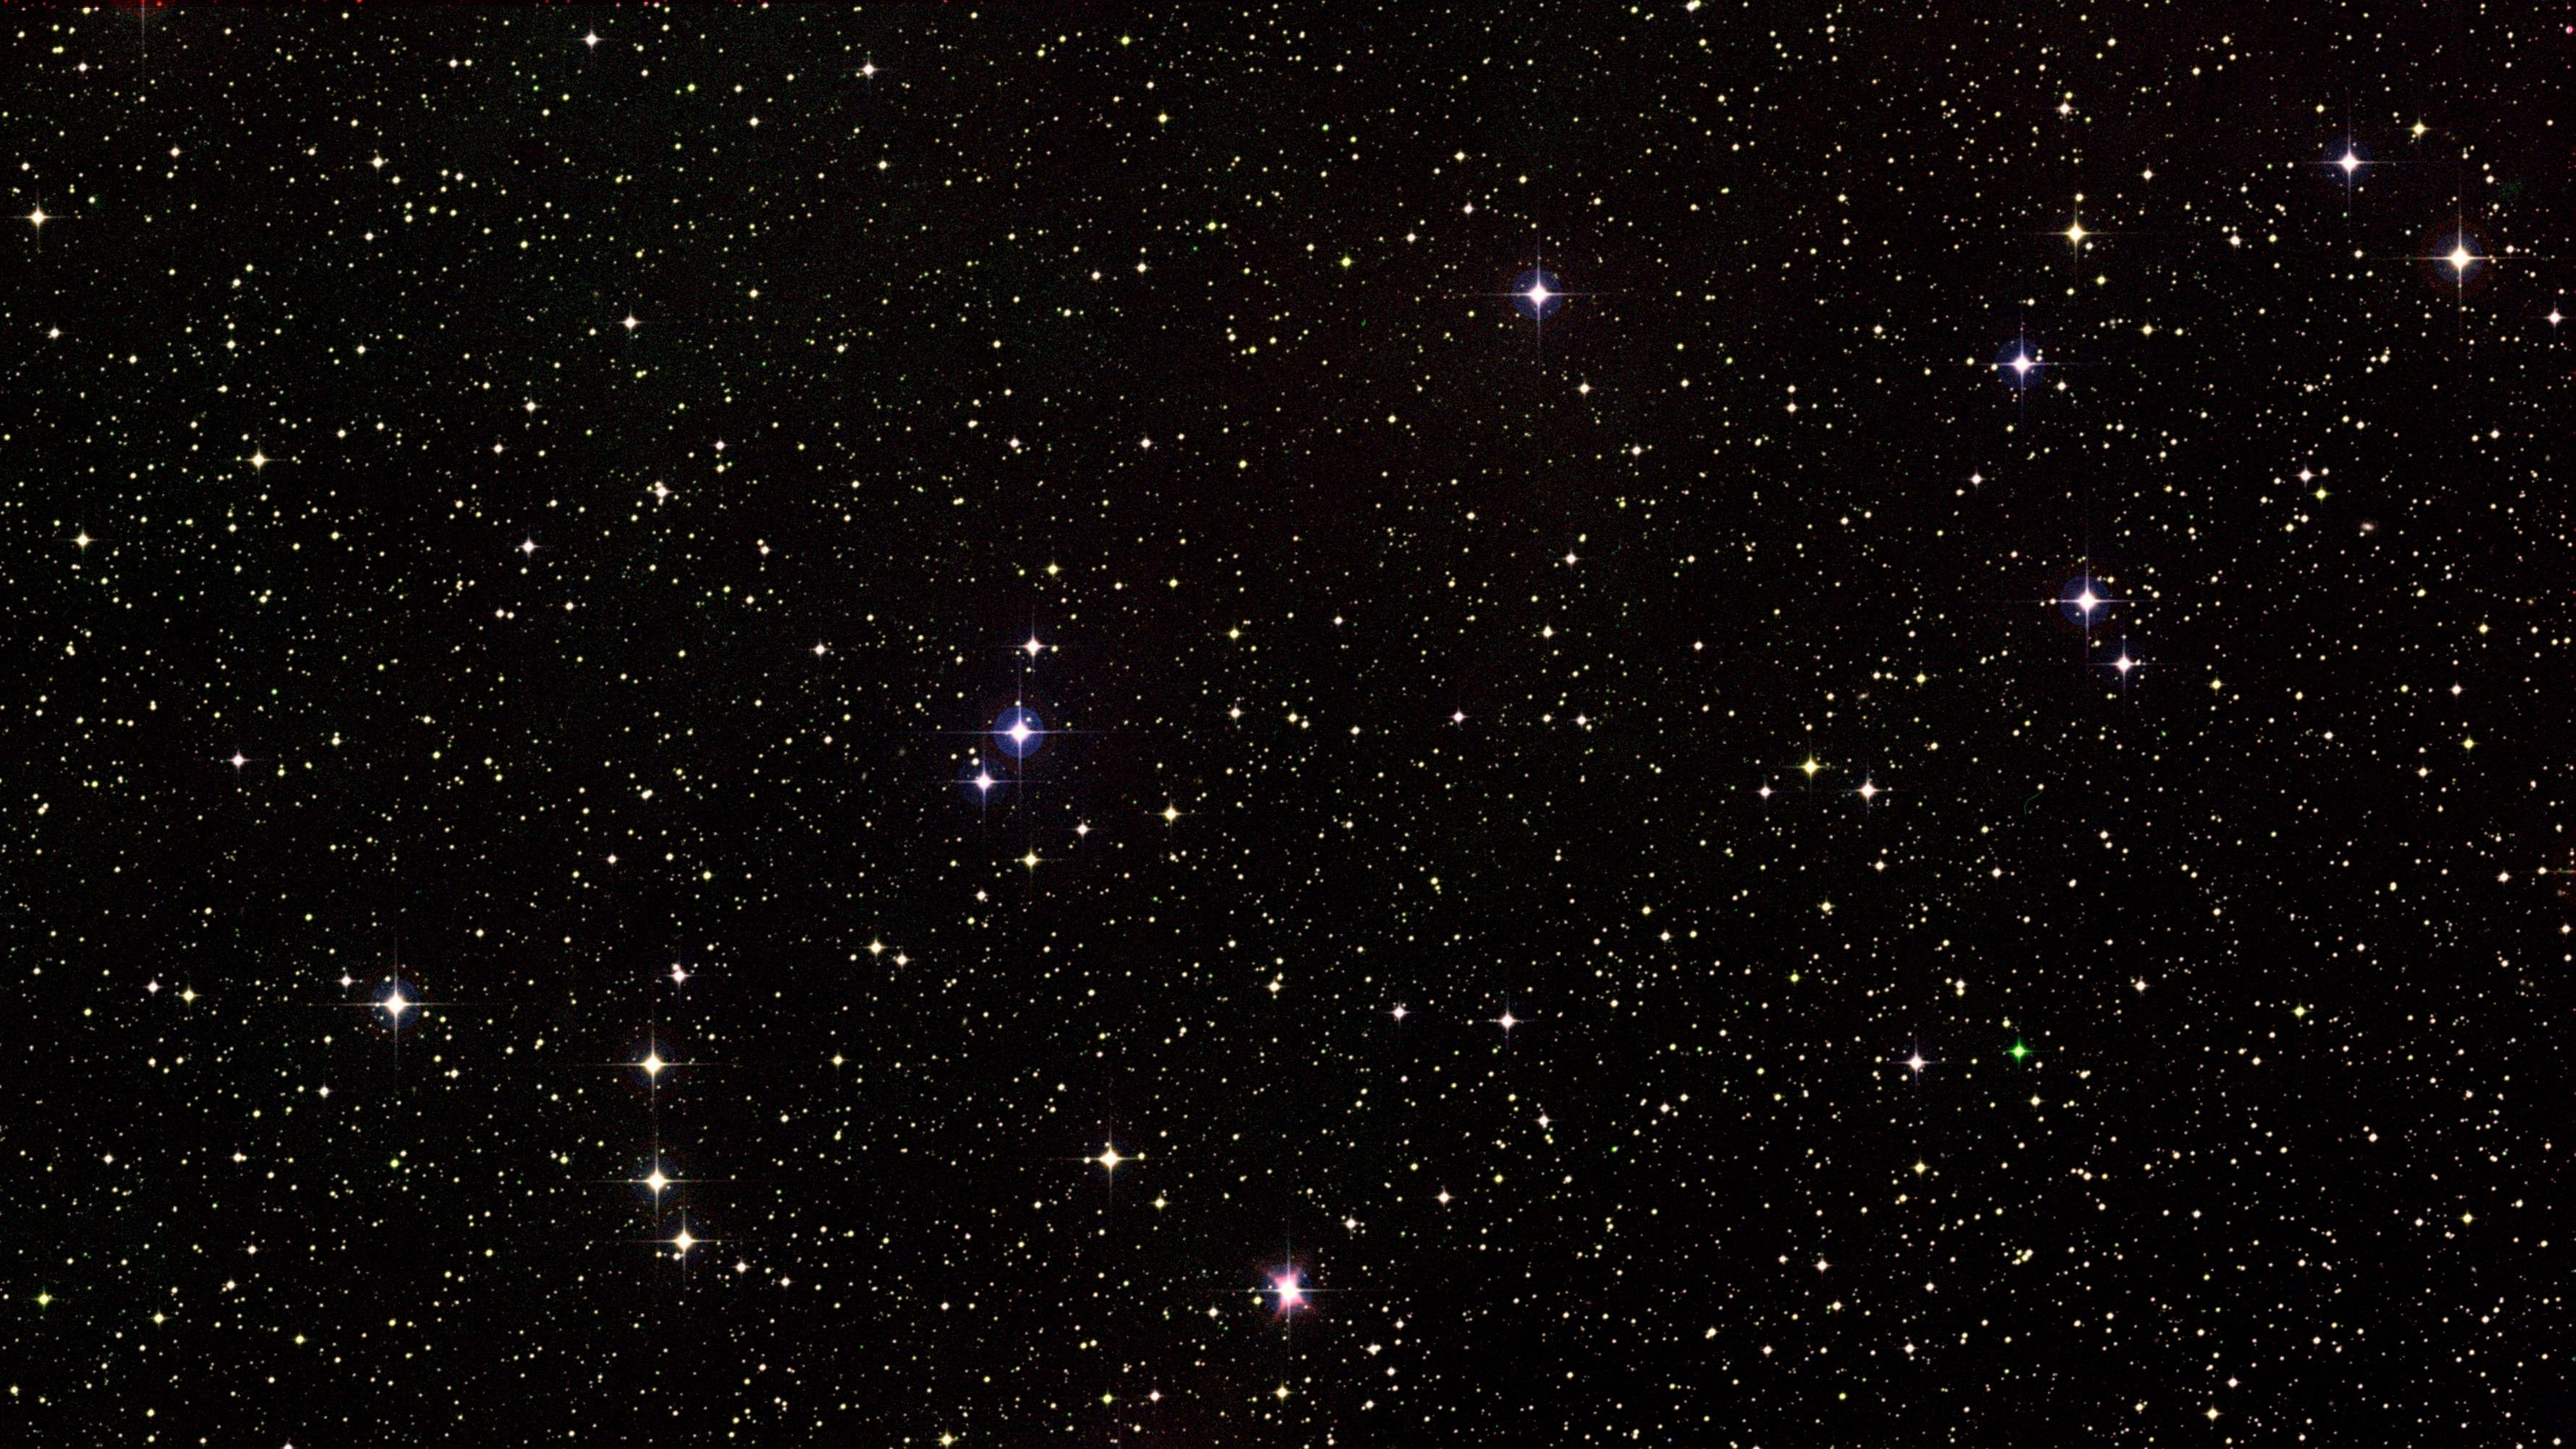 starry-sky-004.jpg